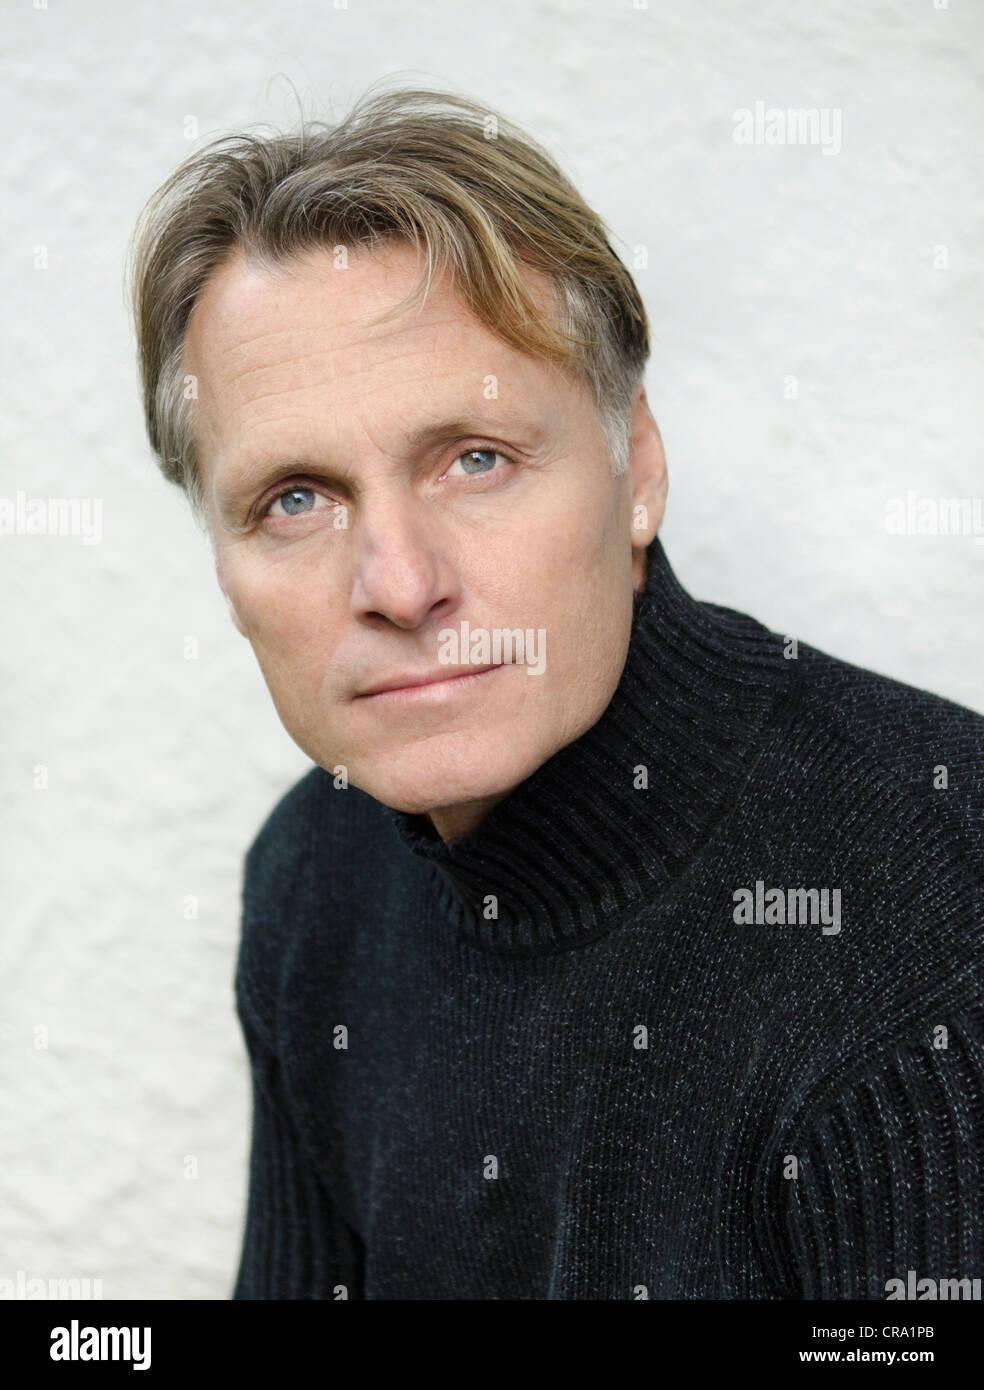 Ein Porträt Von Einem Skandinavischen Reifer Mann In Den Vierzigern